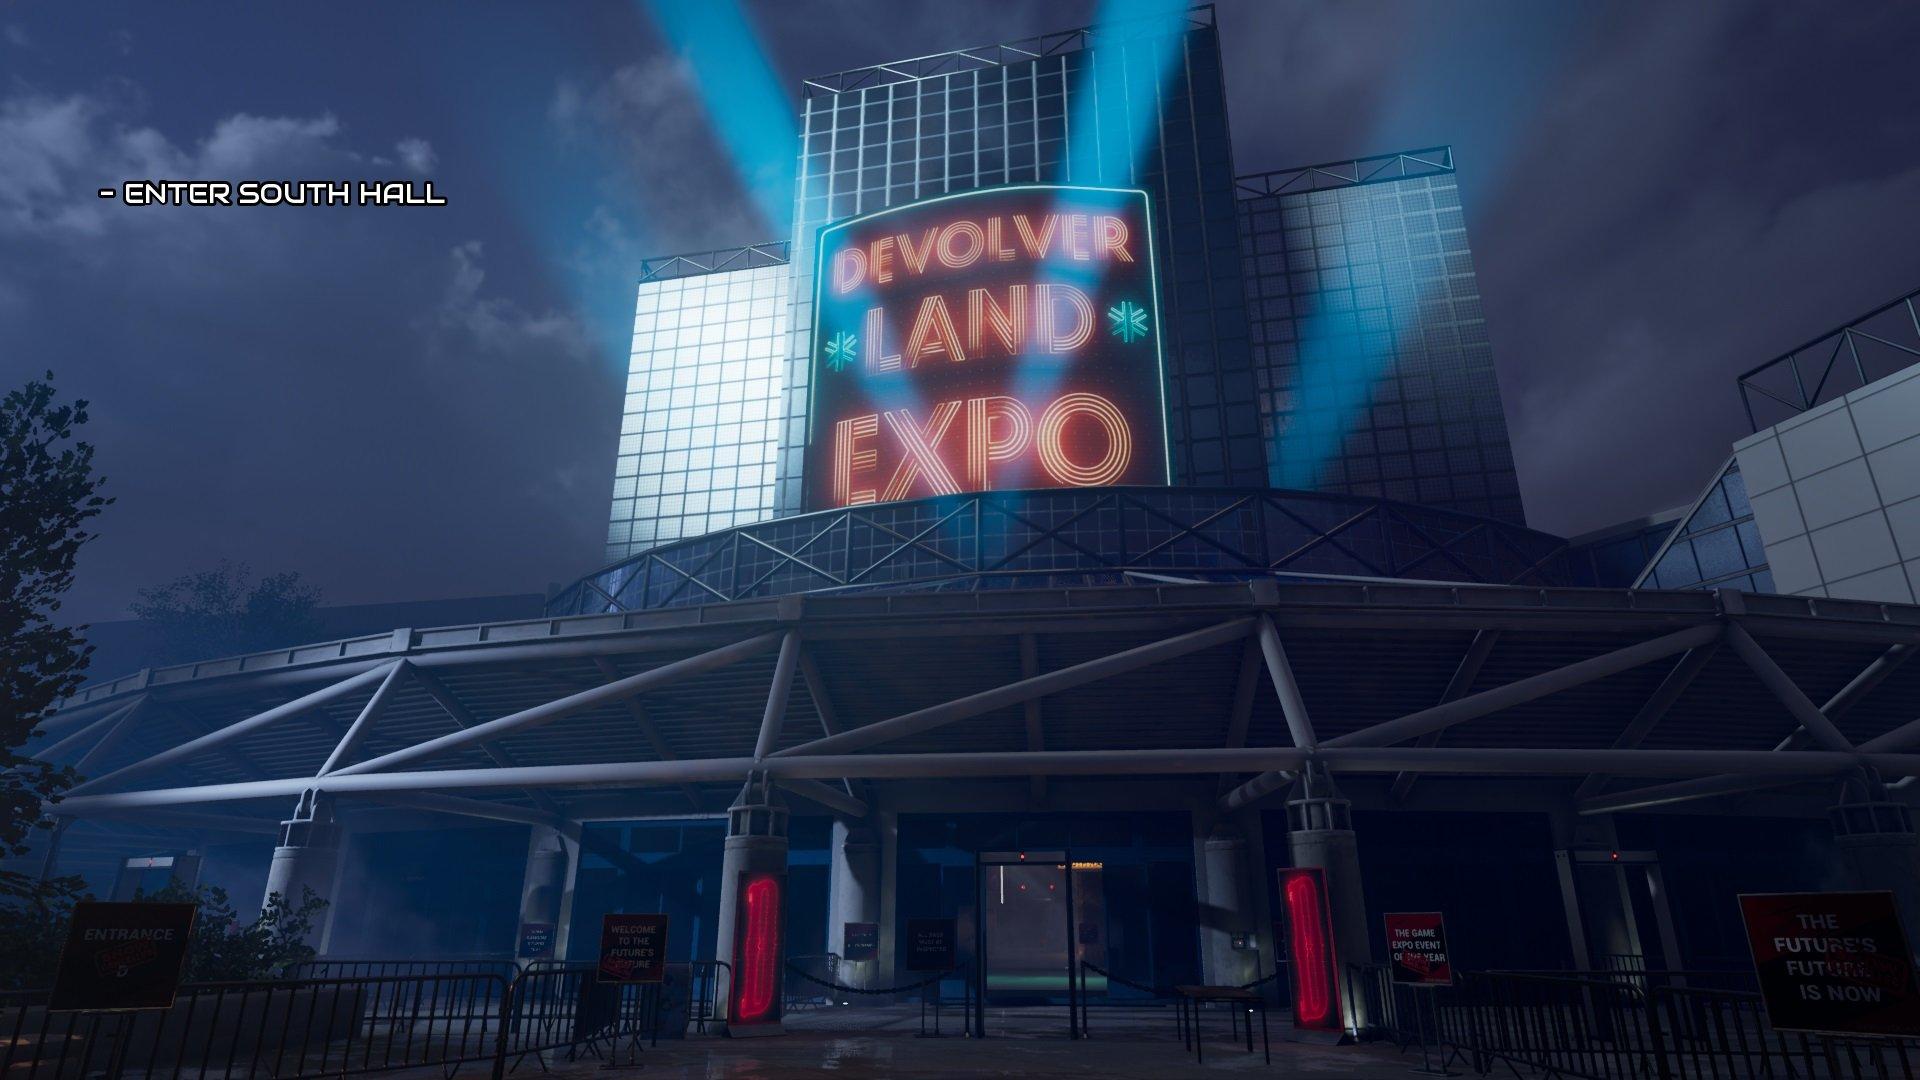 Devolverland Expo Review: E3's Edgier Counterpart